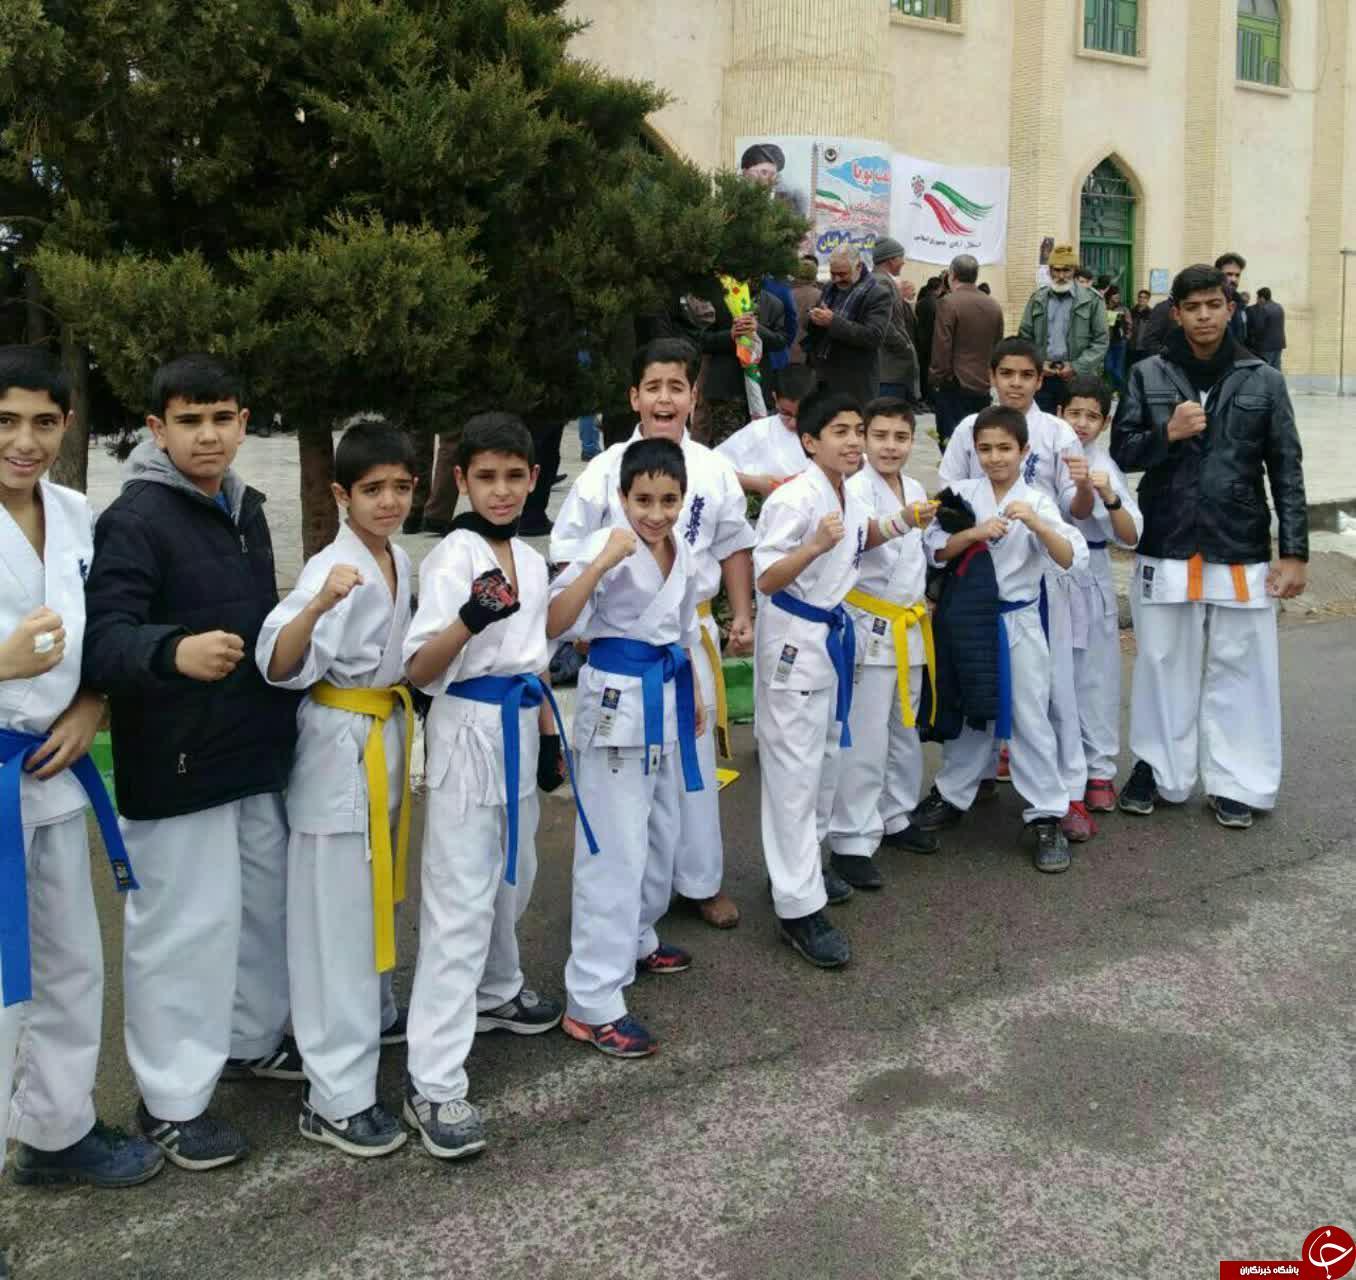 جلوه هایی از حضور جامعه ورزش و جوانان استان کرمان + تصاویر